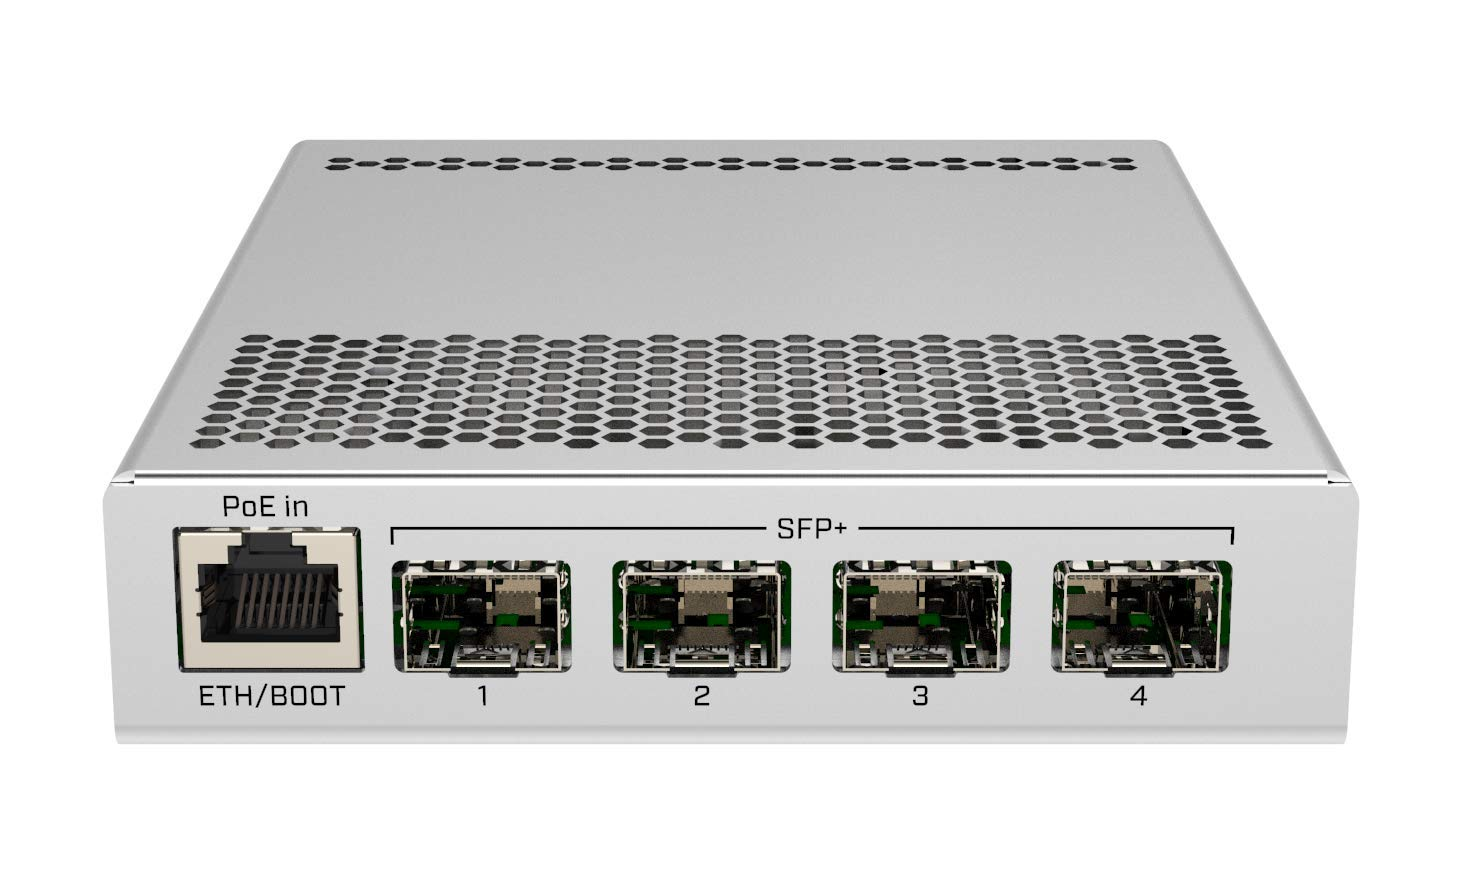 mikrotik-5-port-desktop-switch-1-gigabit-ethernet-port-4-sfp-10gbps-ports-crs305-1g-4sin